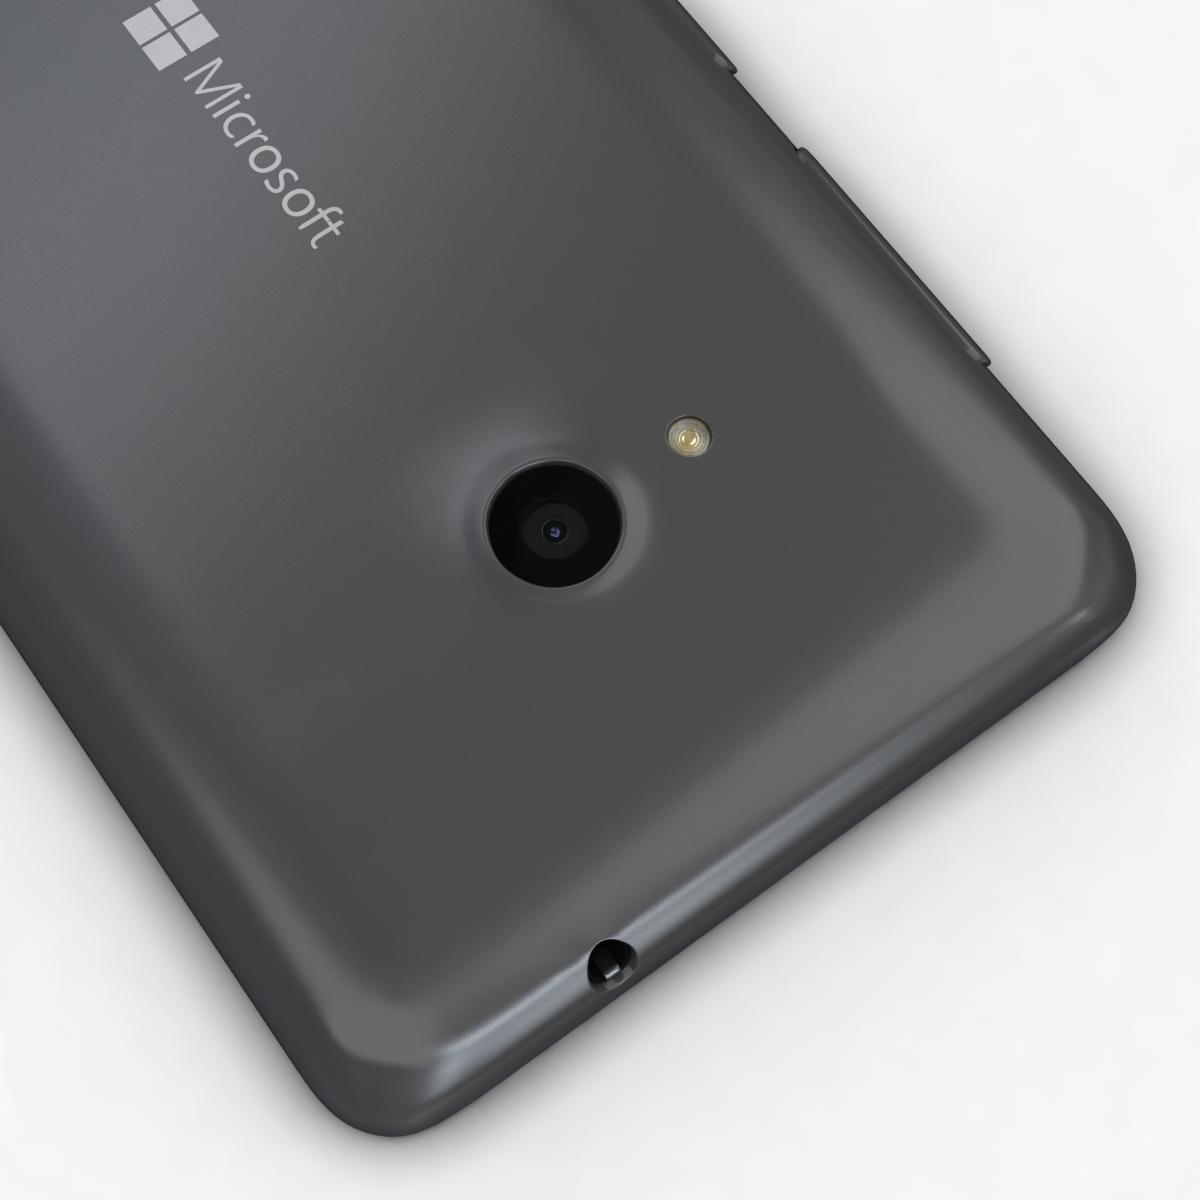 microsoft lumia 535 and dual sim all colors 3d model 3ds max fbx c4d obj 204691